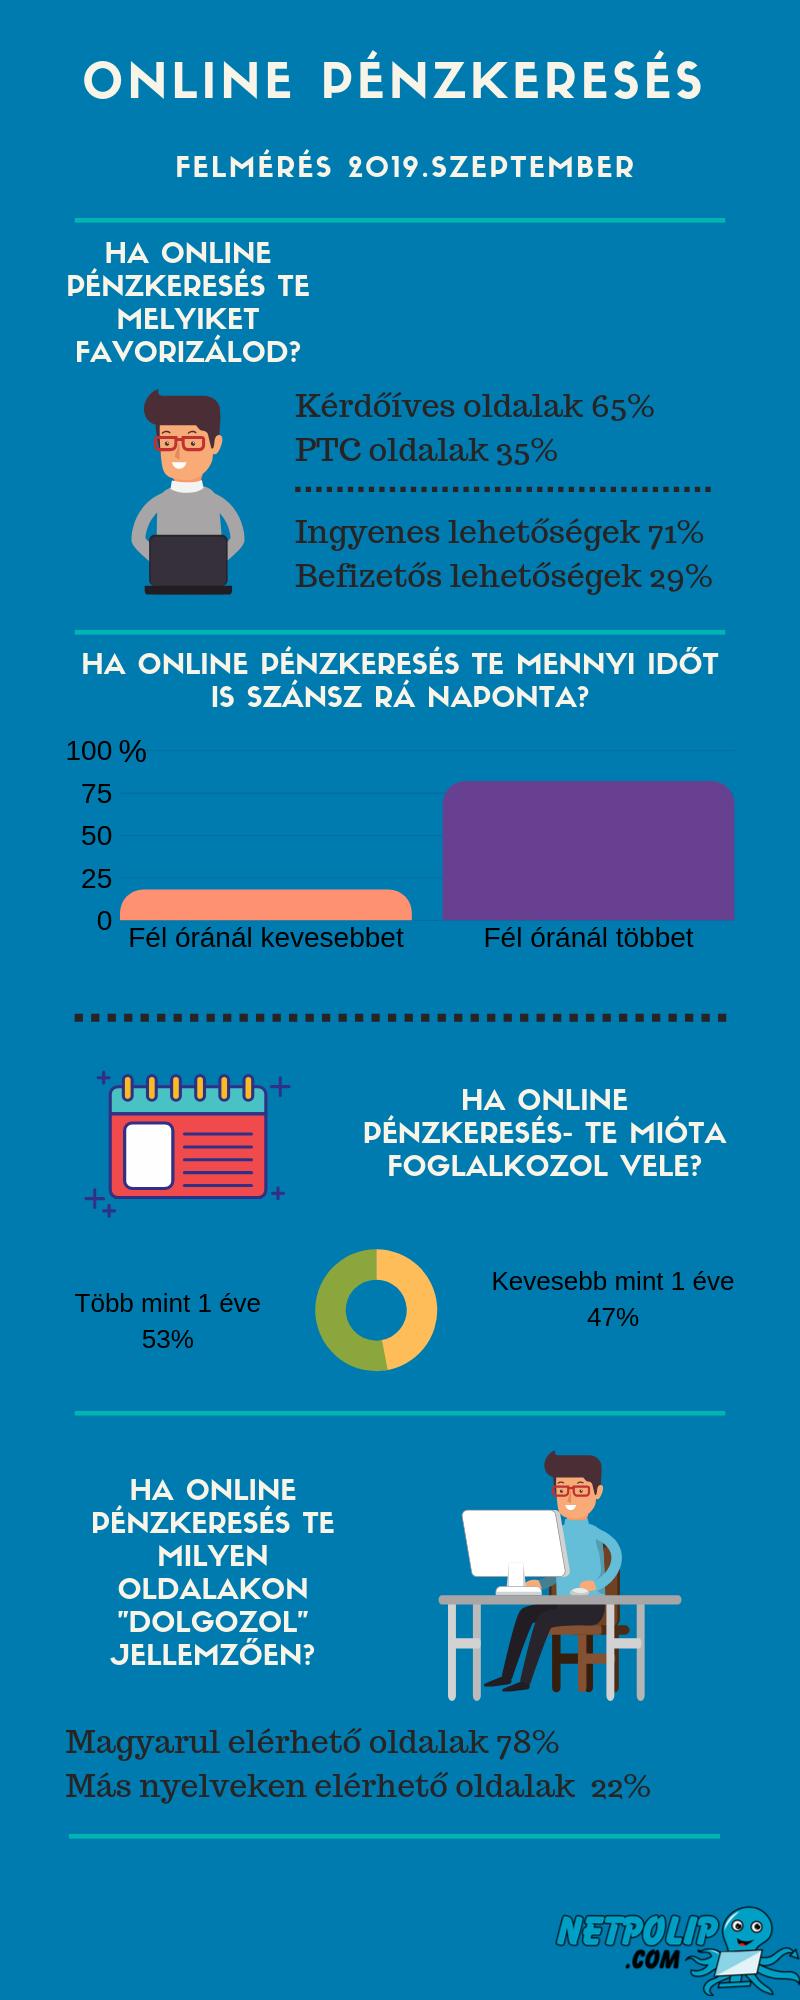 az internetes pénzkeresés eredménye